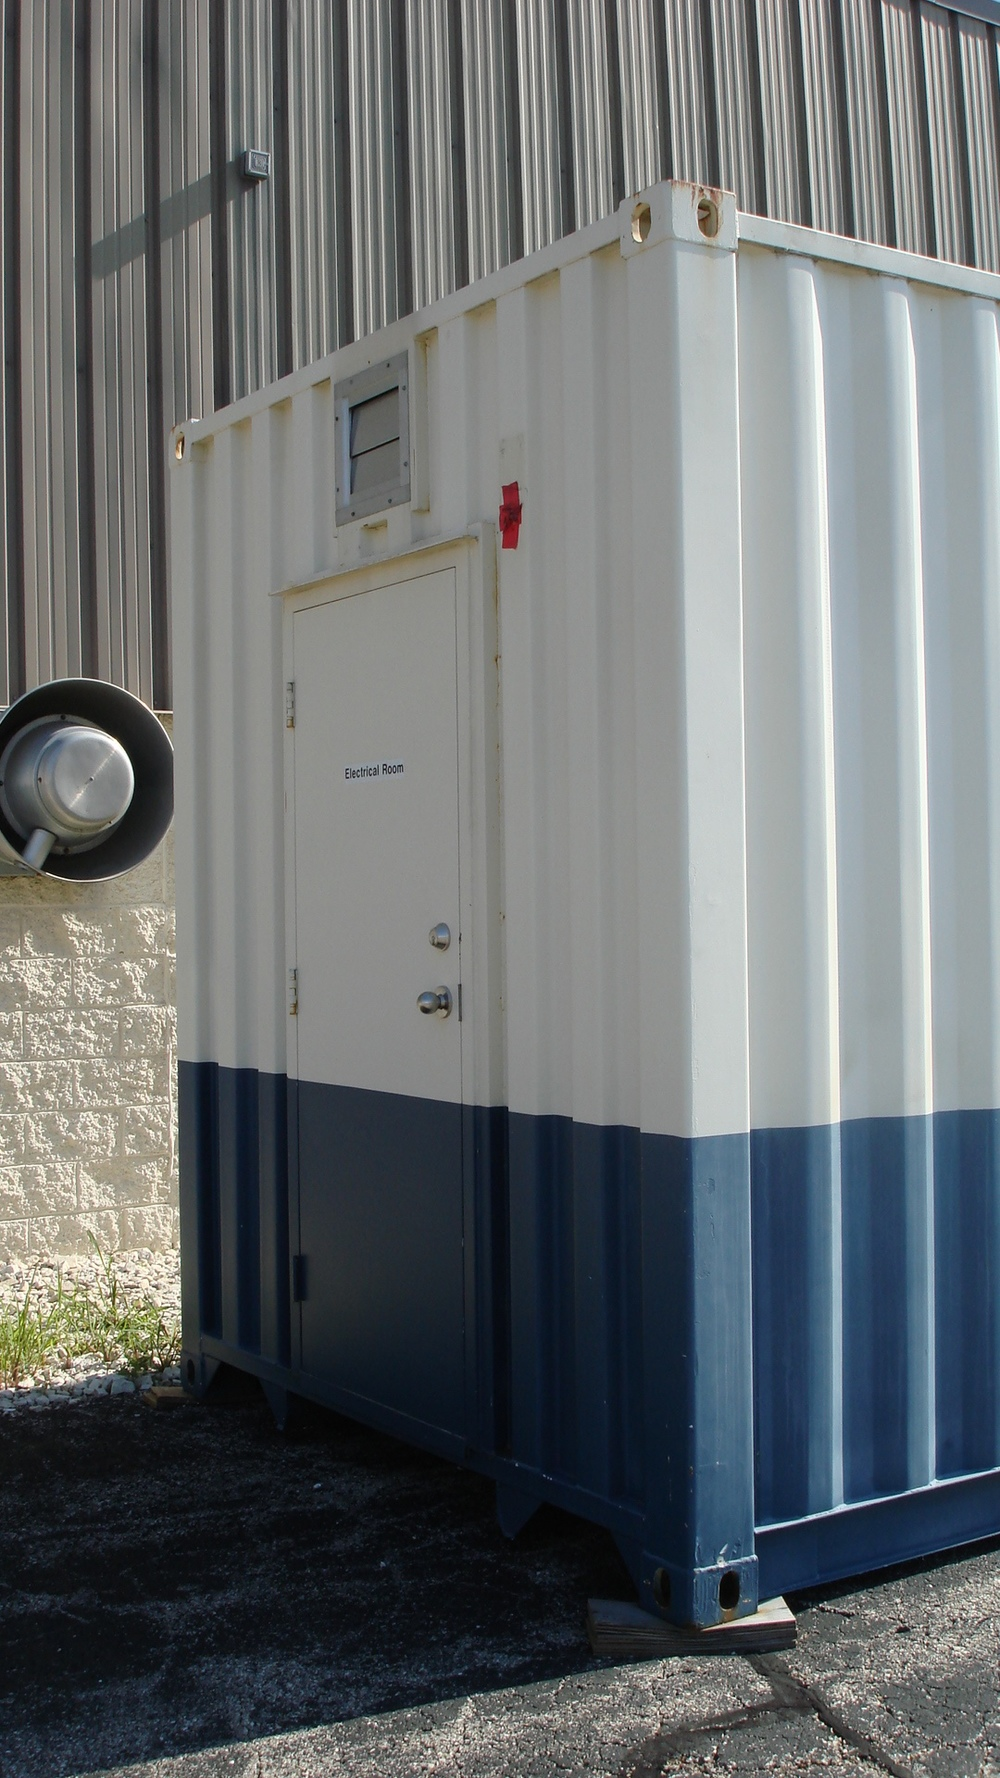 Man-door access to smaller office